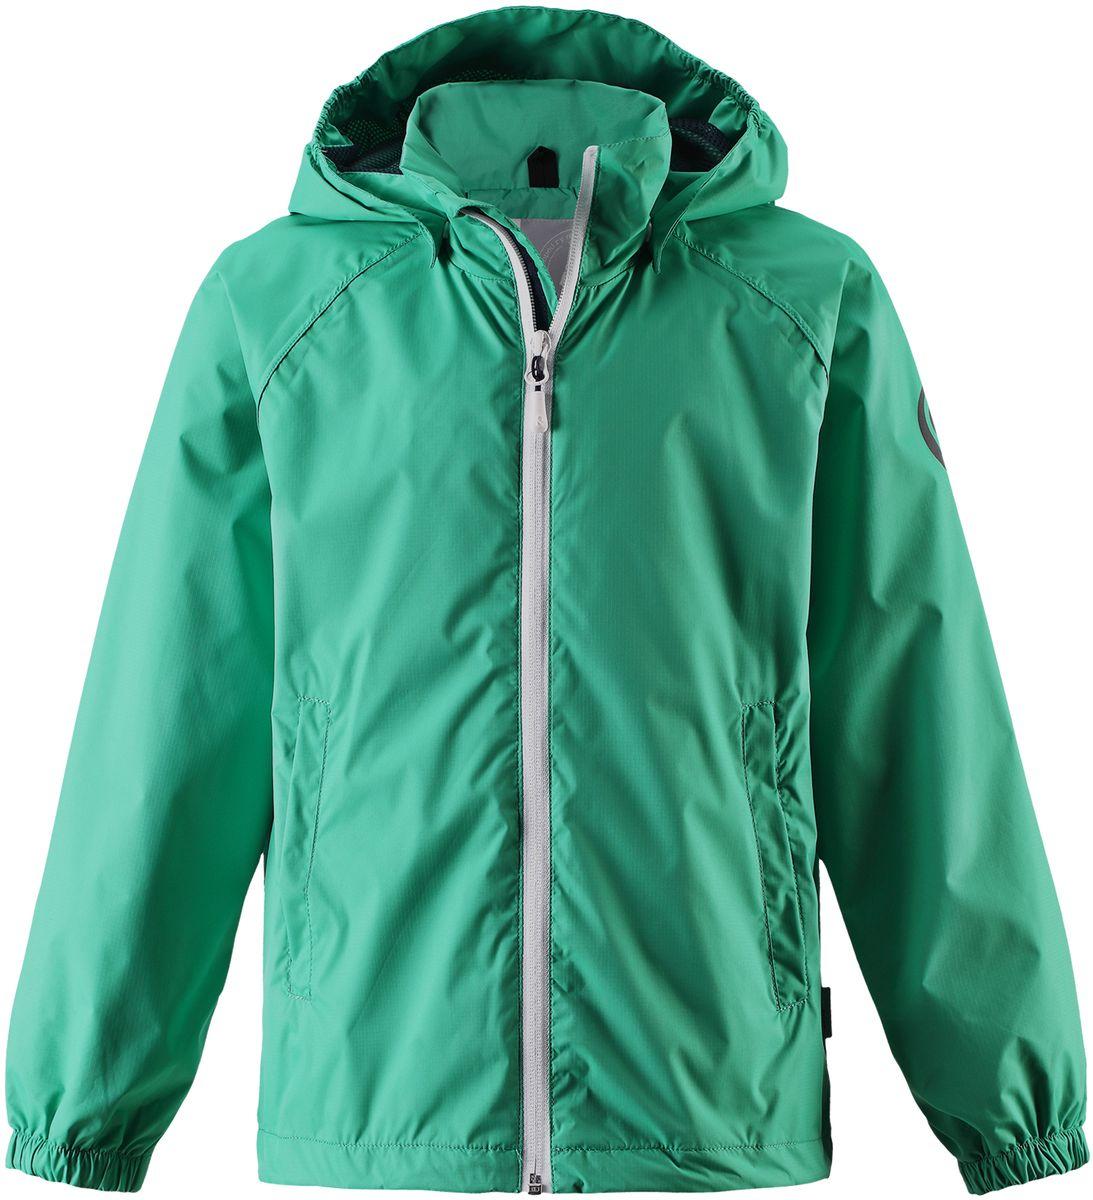 Куртка детская Reima Roder, цвет: зеленый. 5312758800. Размер 1585312758800Эту очень легкую куртку можно хранить в ее собственном кармане! Но это совершенно не сказалось на качестве: дышащий материал не пропускает ветер и дождь, а все самые важные швы заклеены, водонепроницаемы. Простая в уходе куртка практически не мнется и снабжена съемным капюшоном. Капюшон безопасен во время игр на улице, он легко отстегнется, если за что-нибудь зацепится. Регулируемый подол и талия, карманы с клапанами завершают образ.